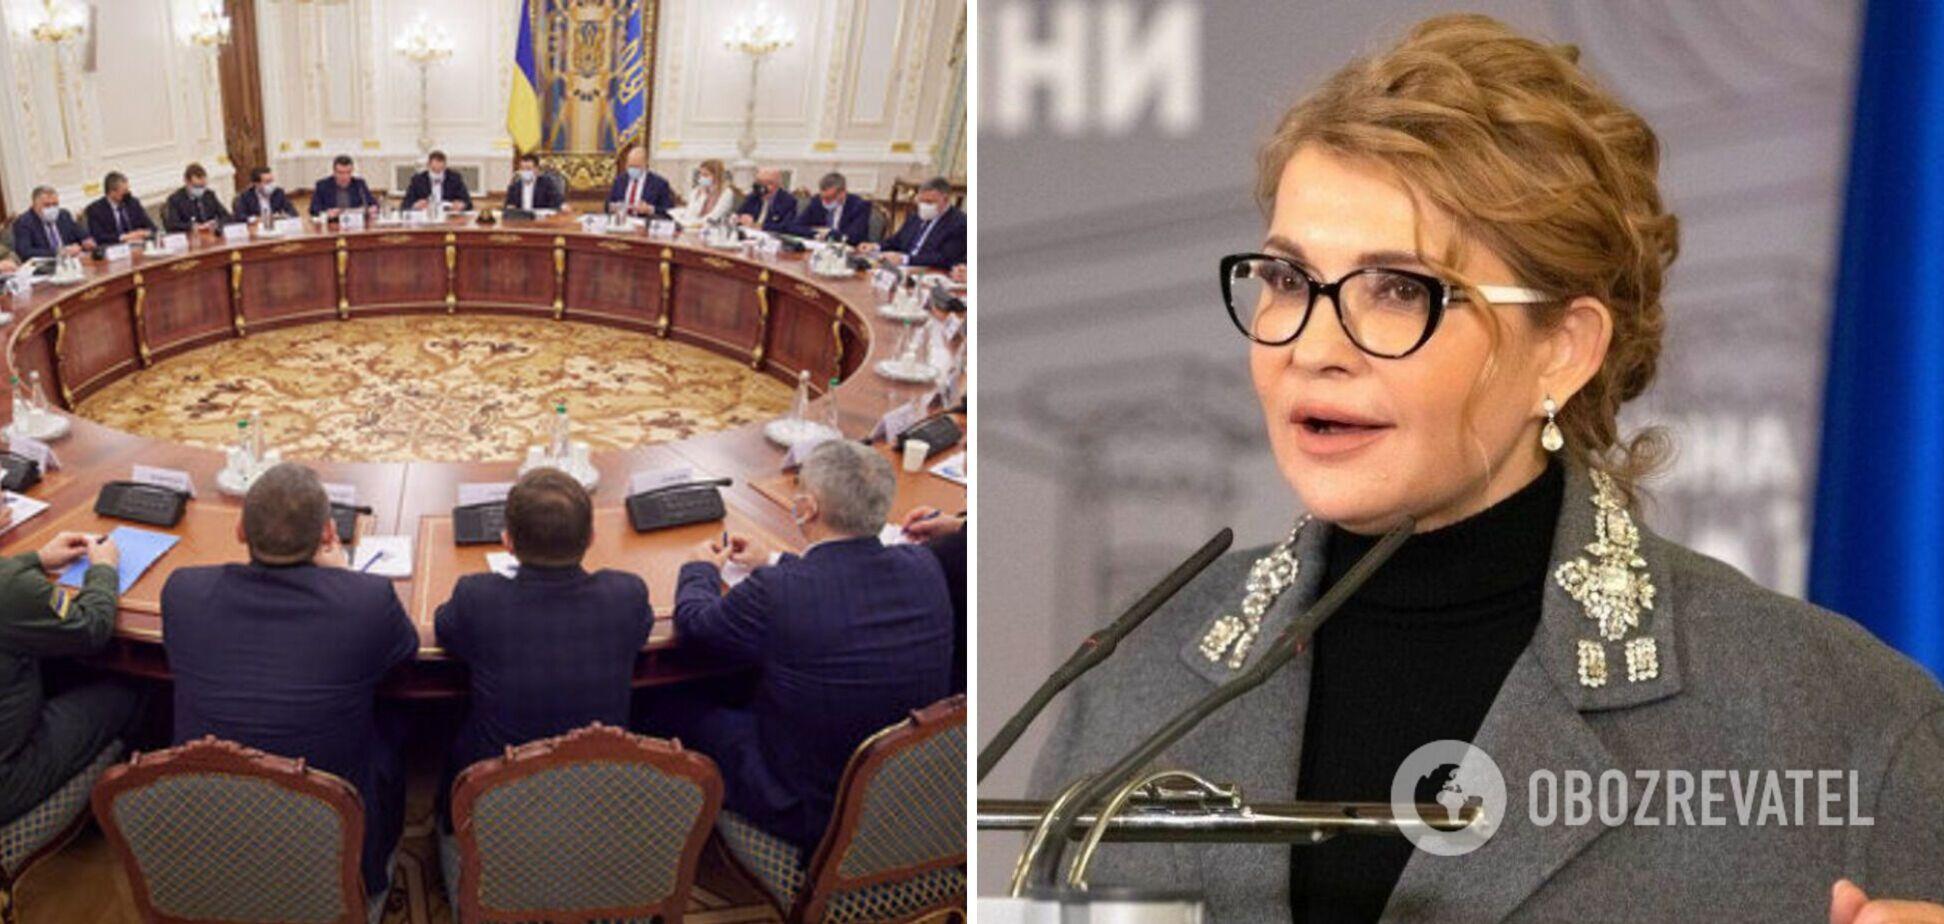 Неужели за Тимошенко пришли?